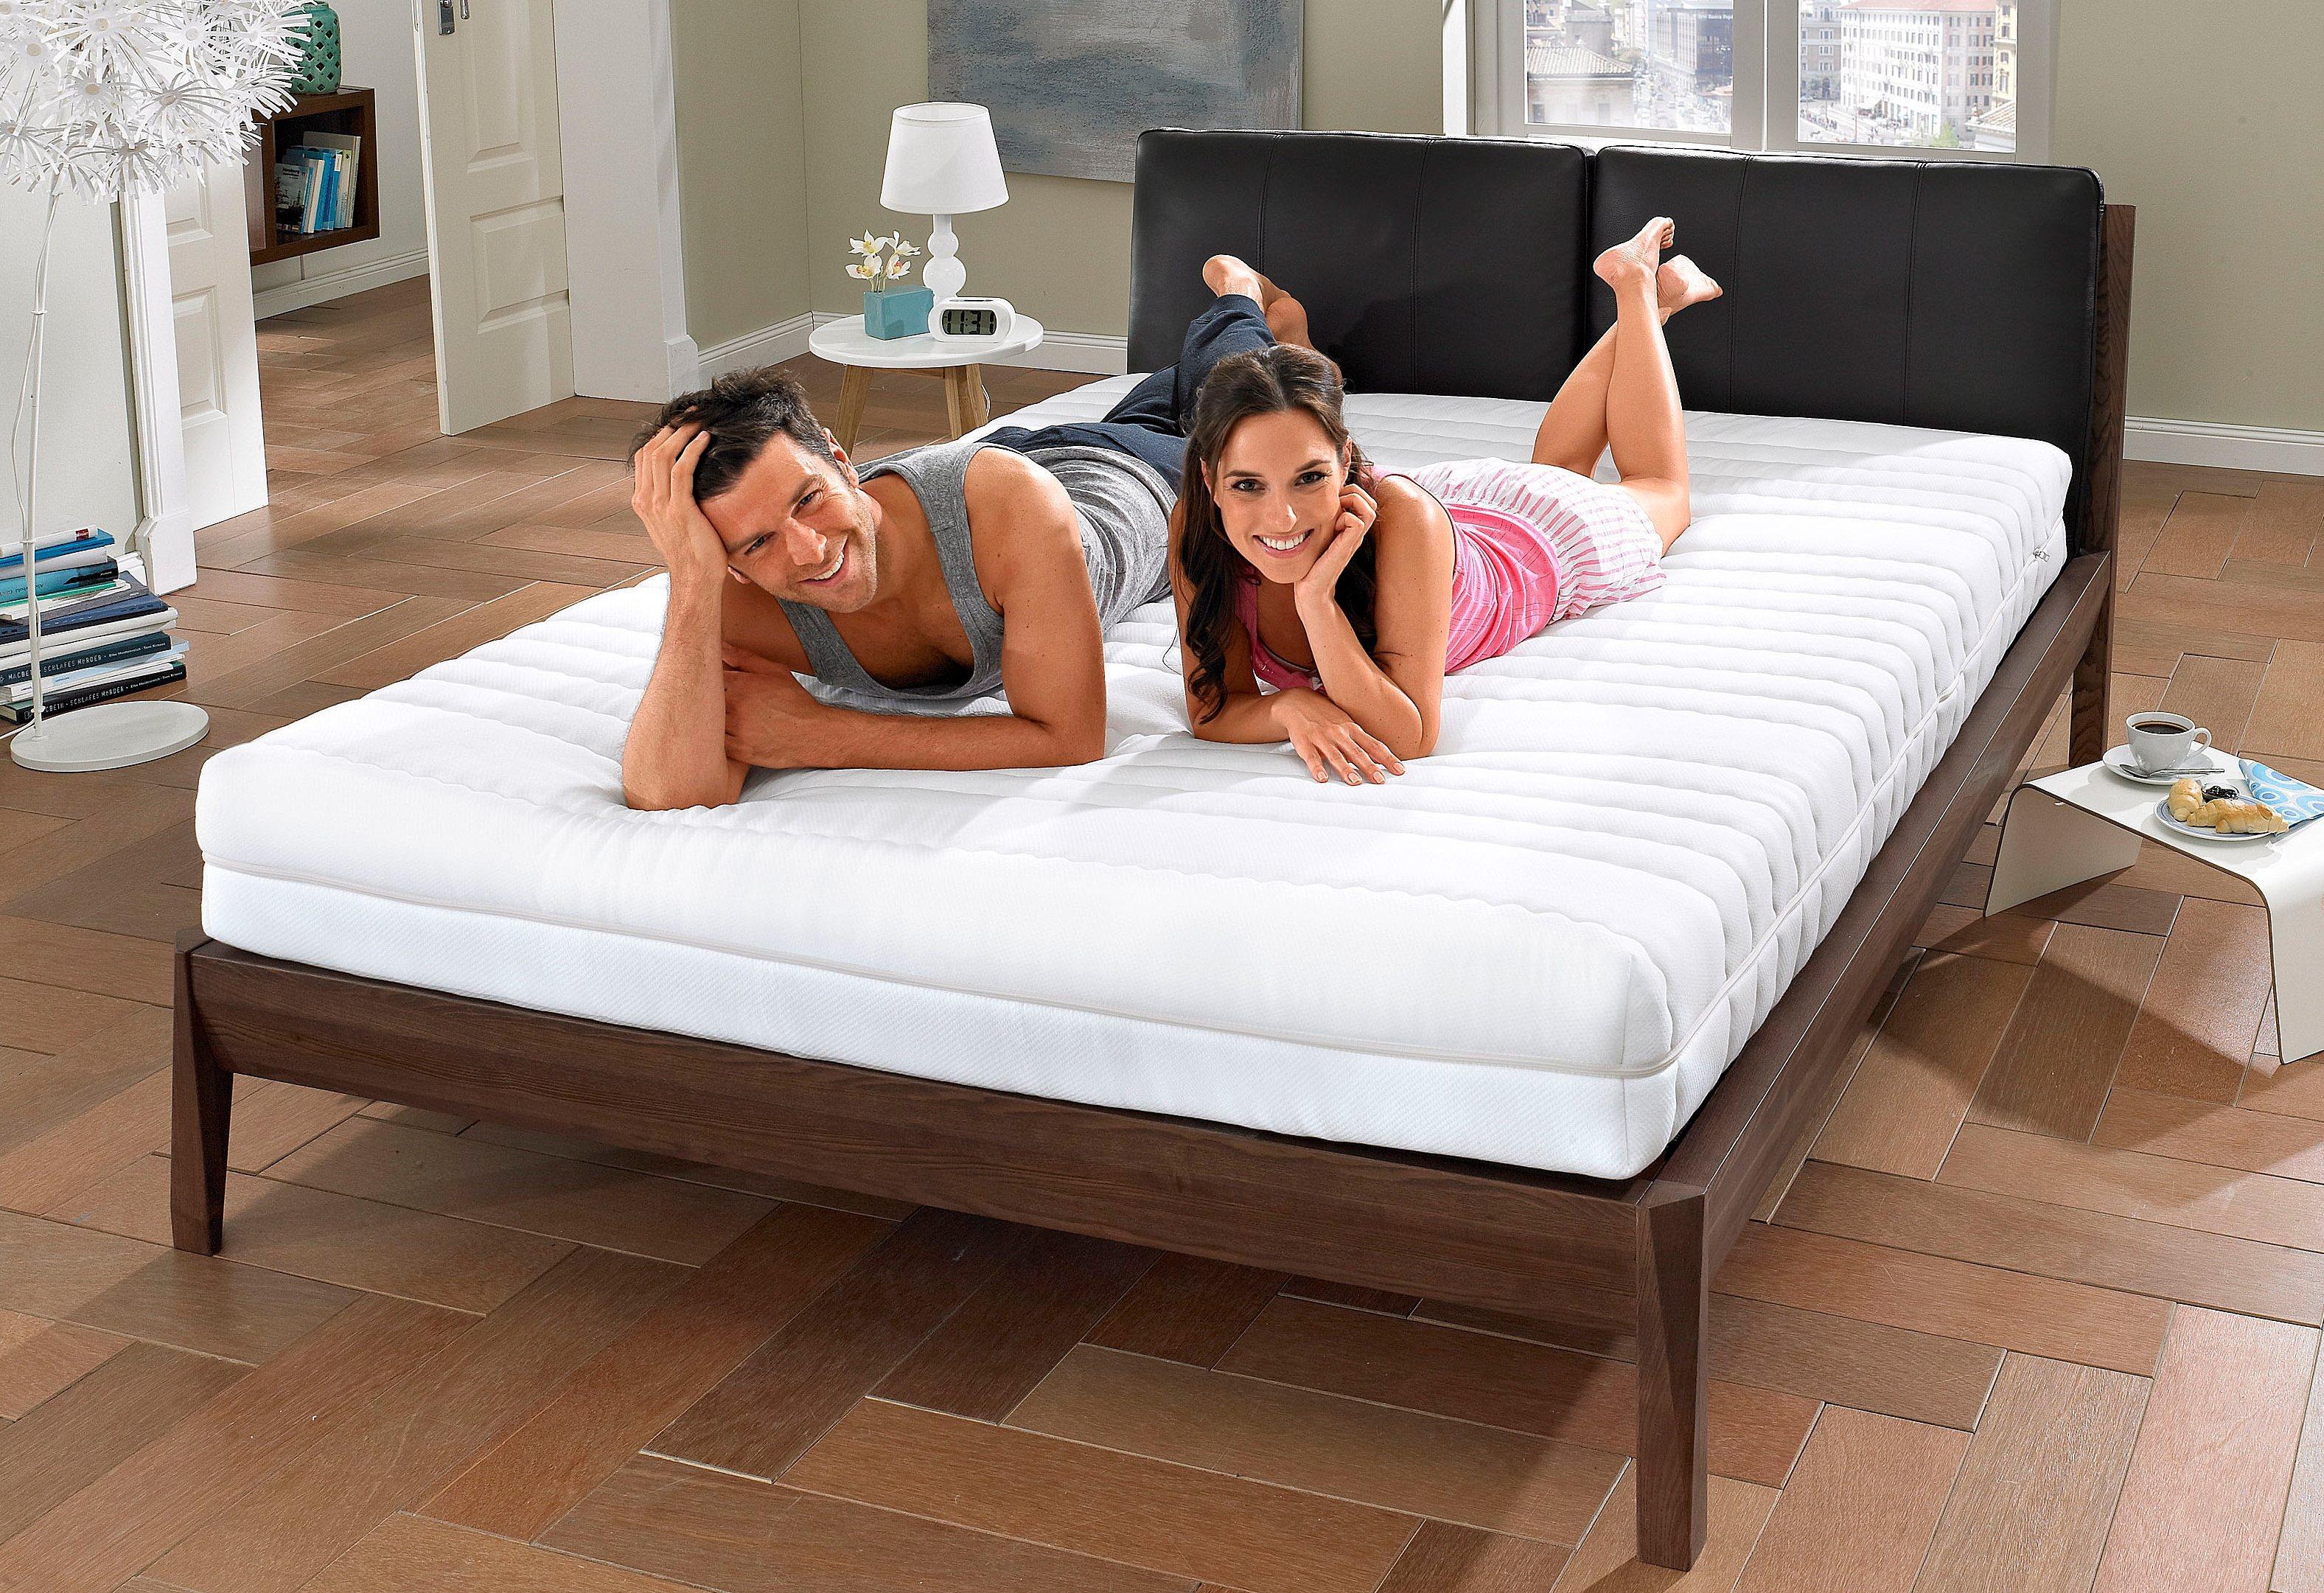 Komfortschaummatratze »7-Zonen-Partnermatratze«, my home, 21 cm hoch, Raumgewicht: 30, (1-tlg), abnehmbarer Bezug | Schlafzimmer > Matratzen > Kaltschaum-matratzen | my home